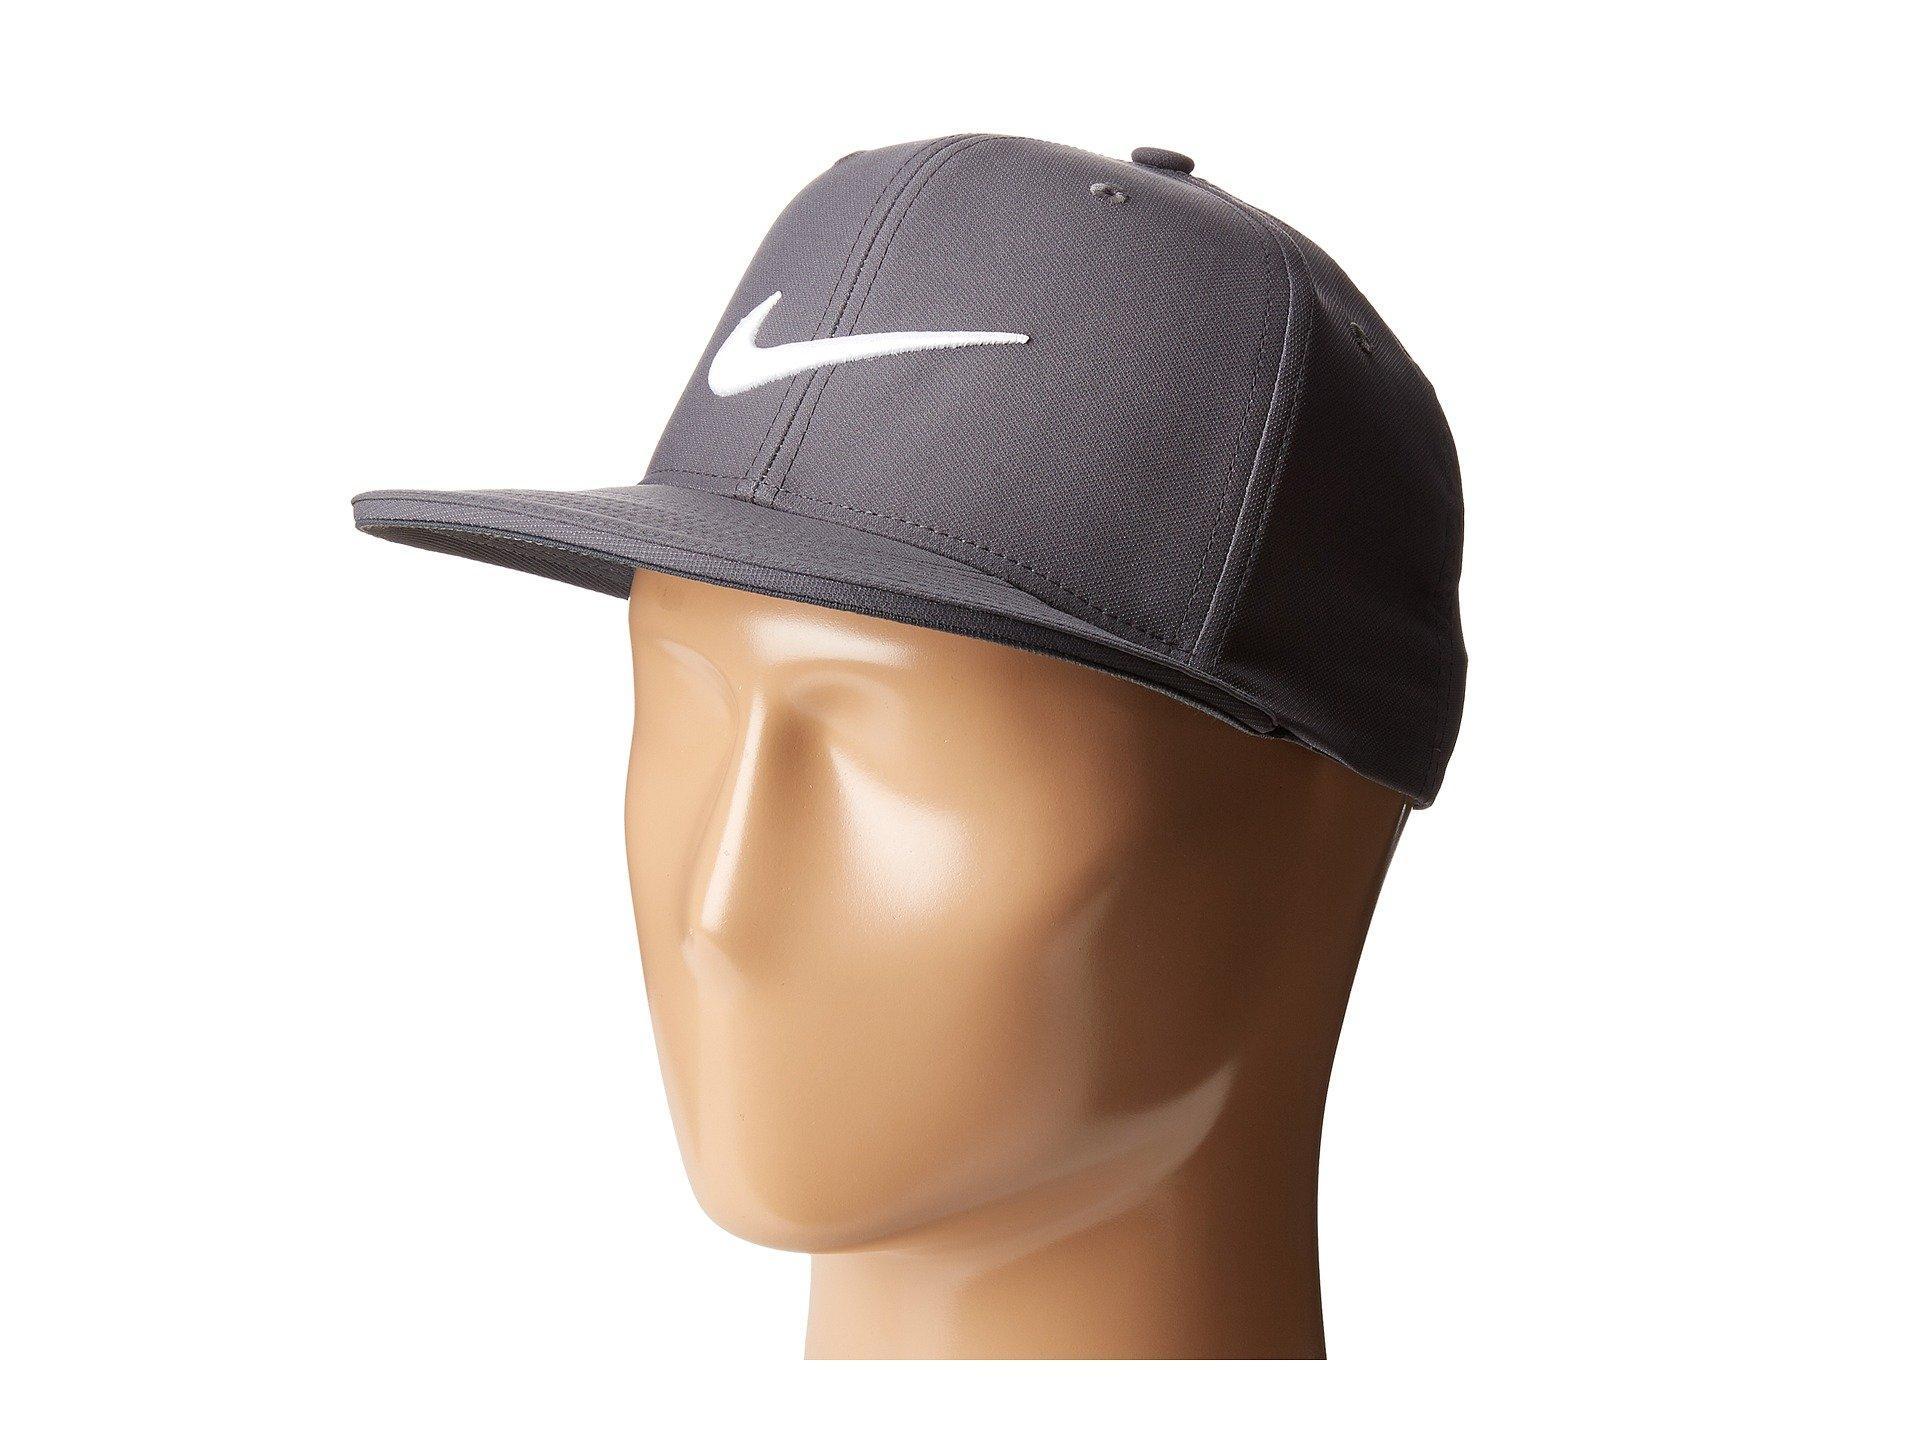 Nike True Statement Cap In Dark Grey/Dark Grey/White